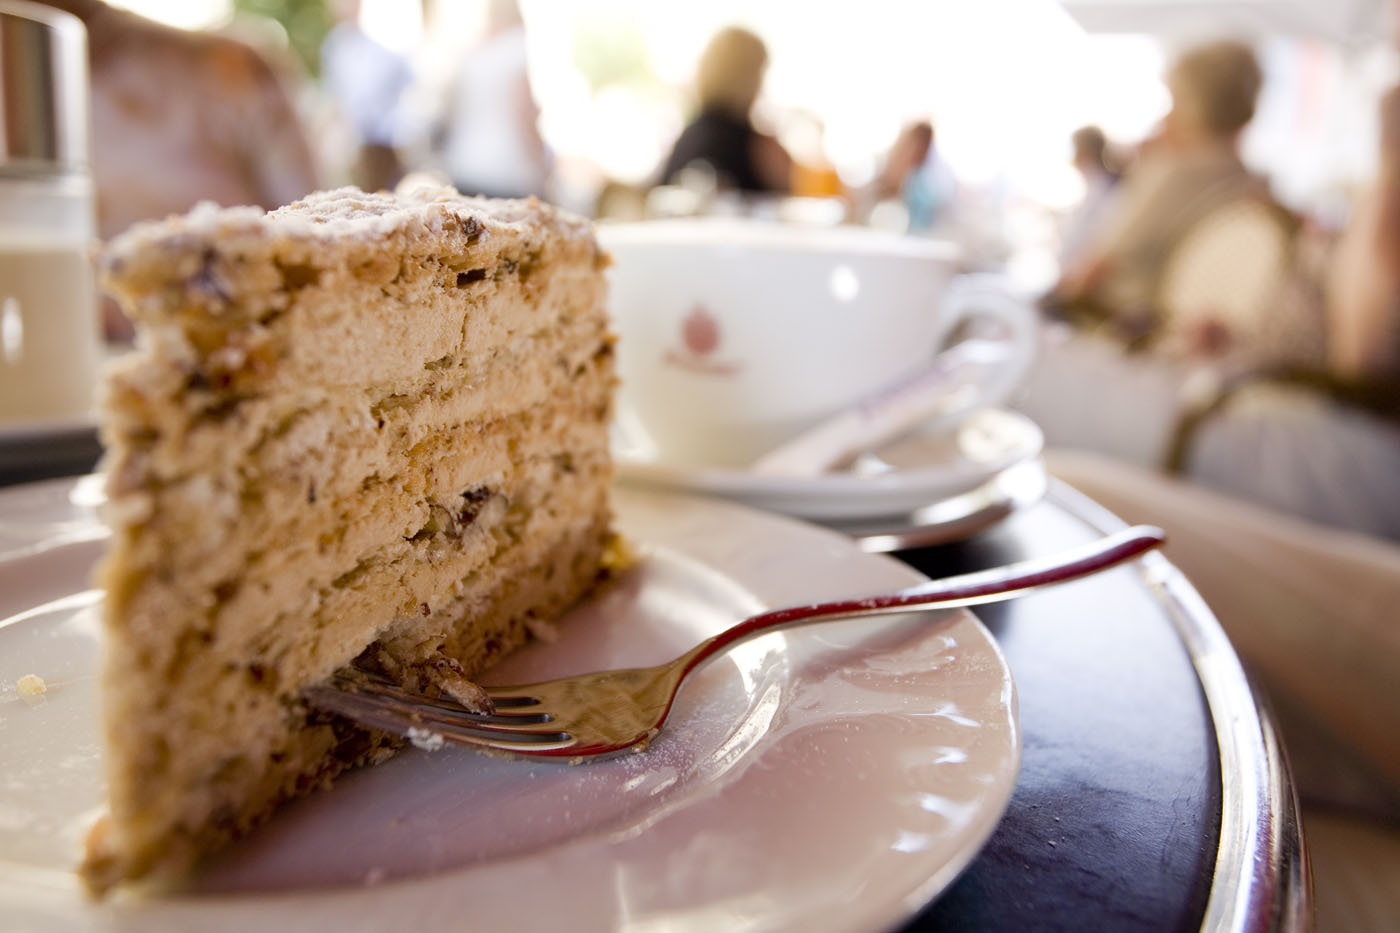 Die original Agnes-Bernauer-Torte ist eine süße Hommage an eine große Straubinger Liebesgeschichte mit tragischem Ende